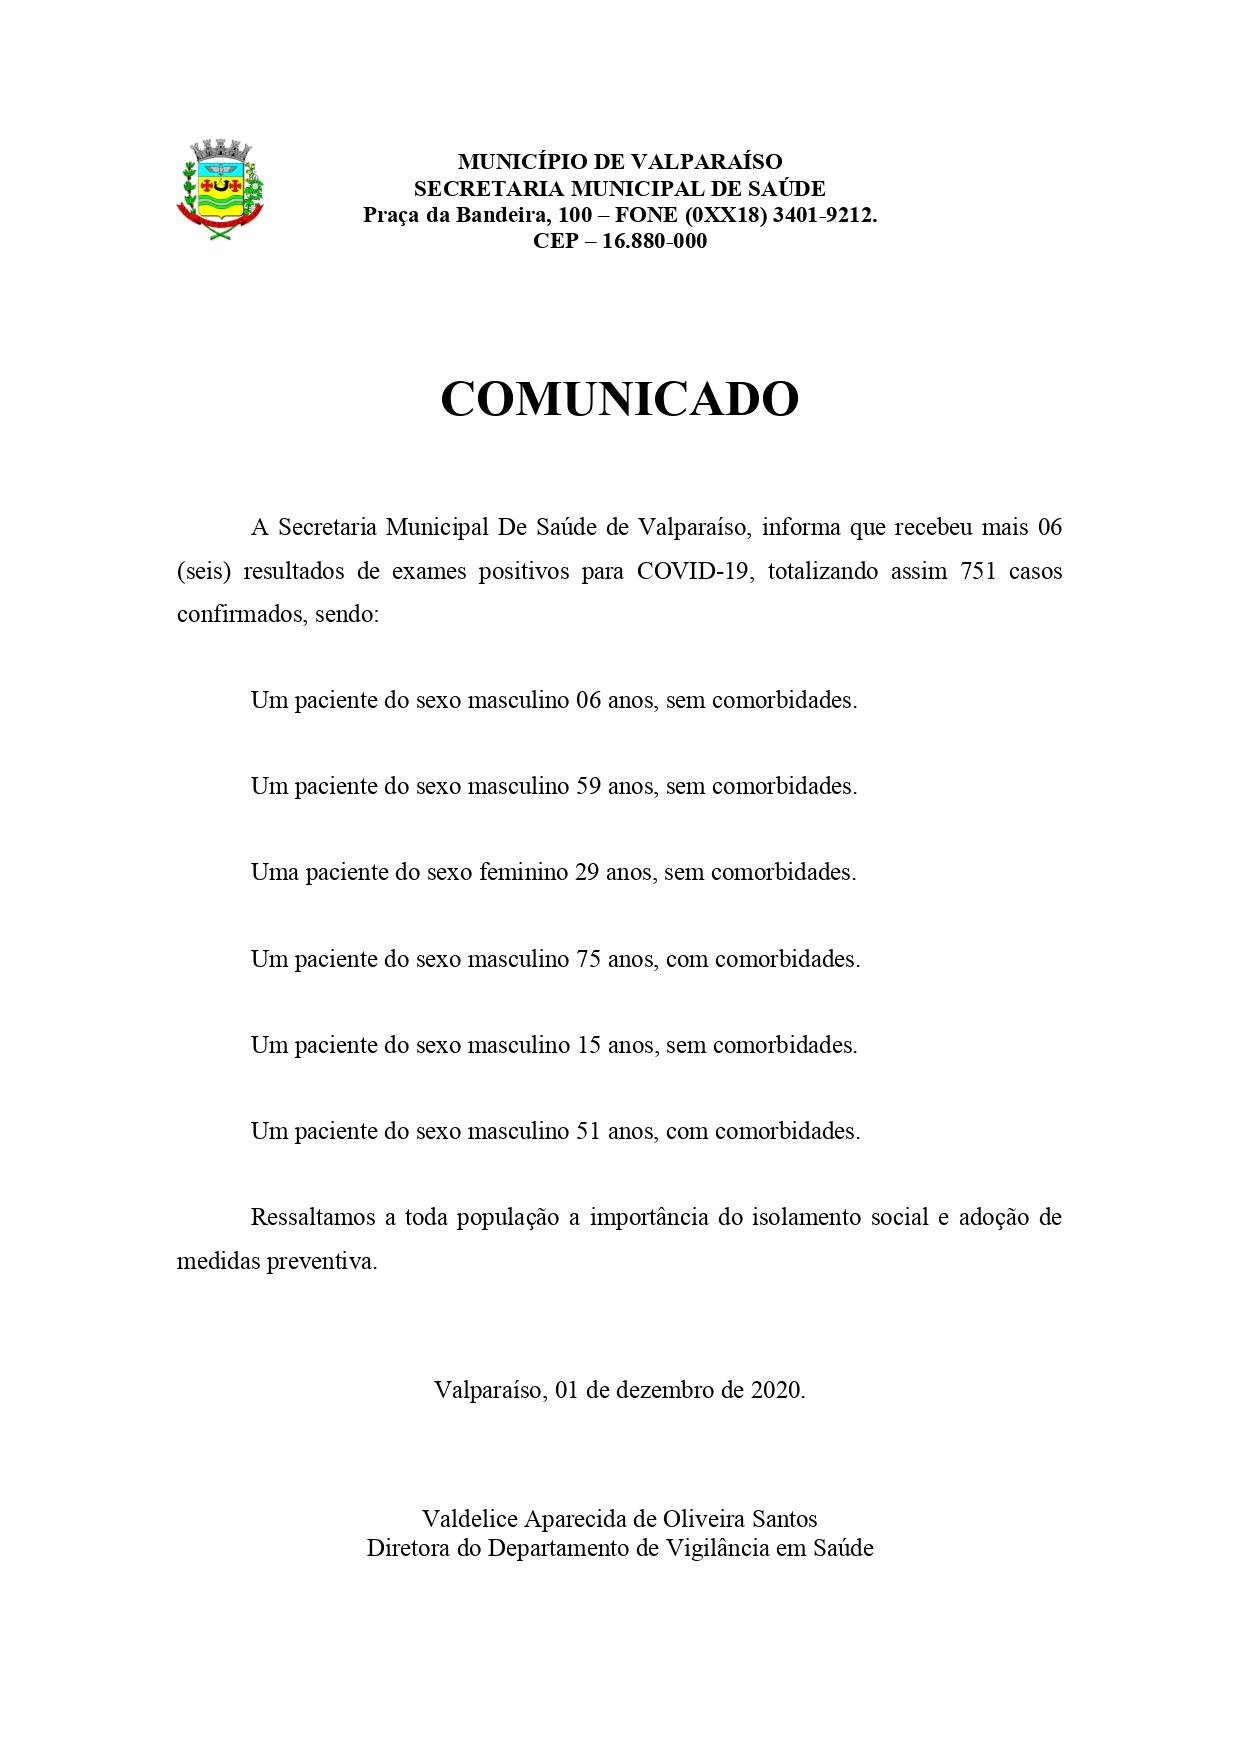 covid751